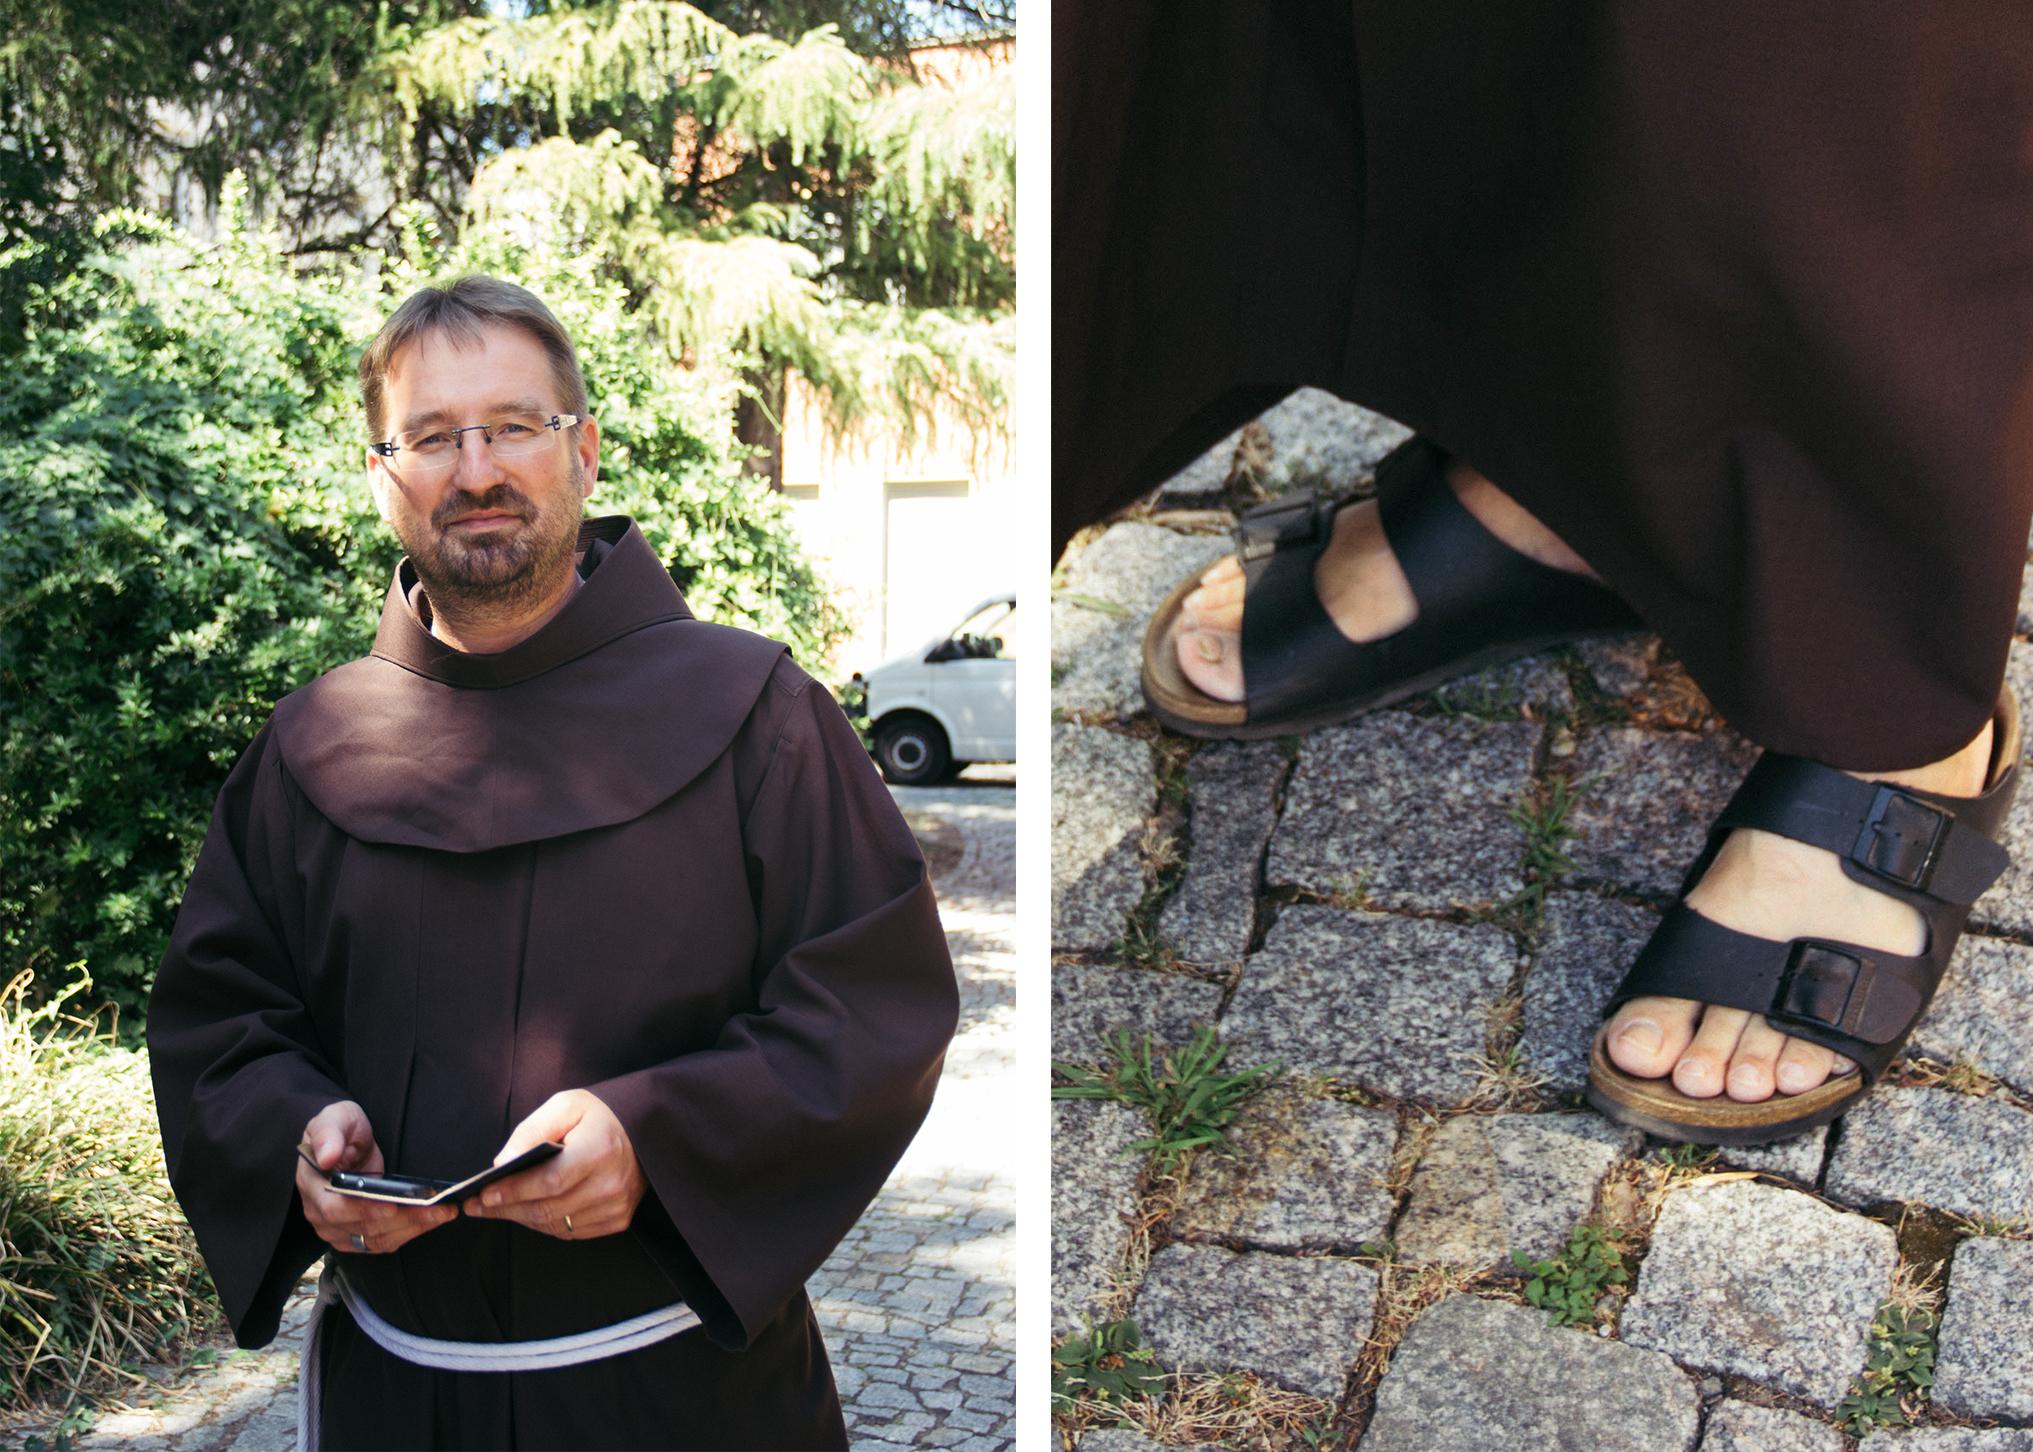 10 Fragen an einen Mönch, die du dich niemals trauen